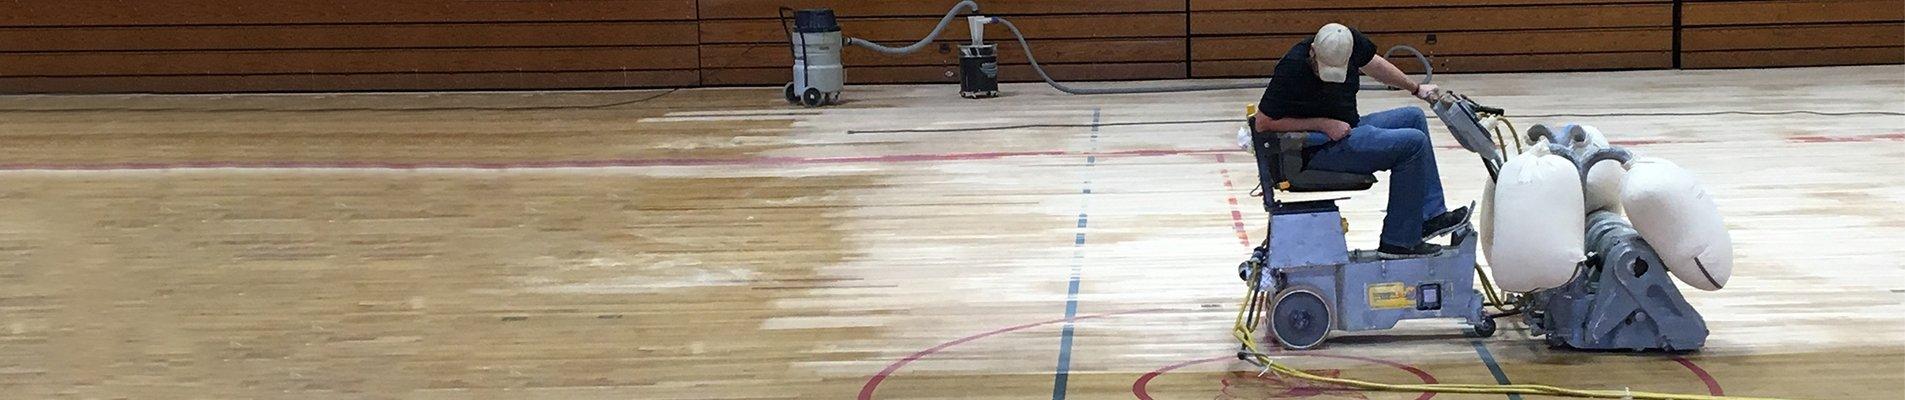 floor sanding-school